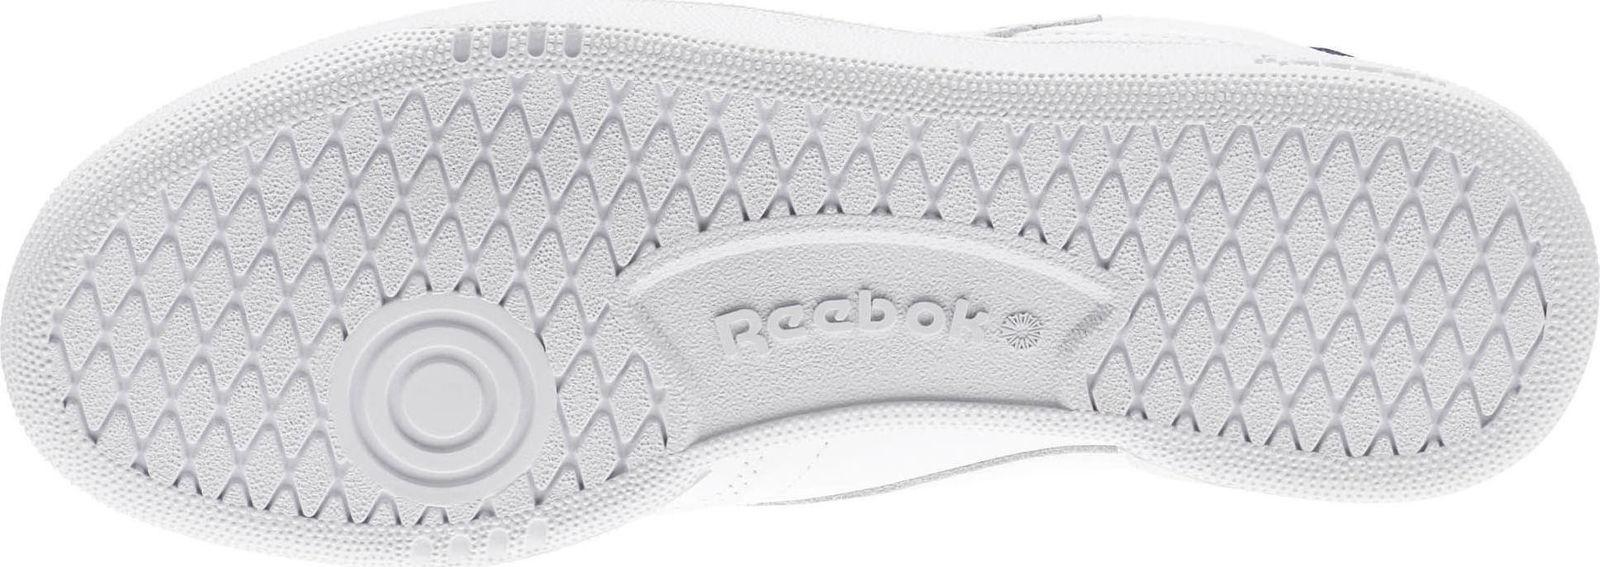 748857b63ba12 Reebok Club C 85 Emboss sneakers ladies white - Internet-Sport Casuals